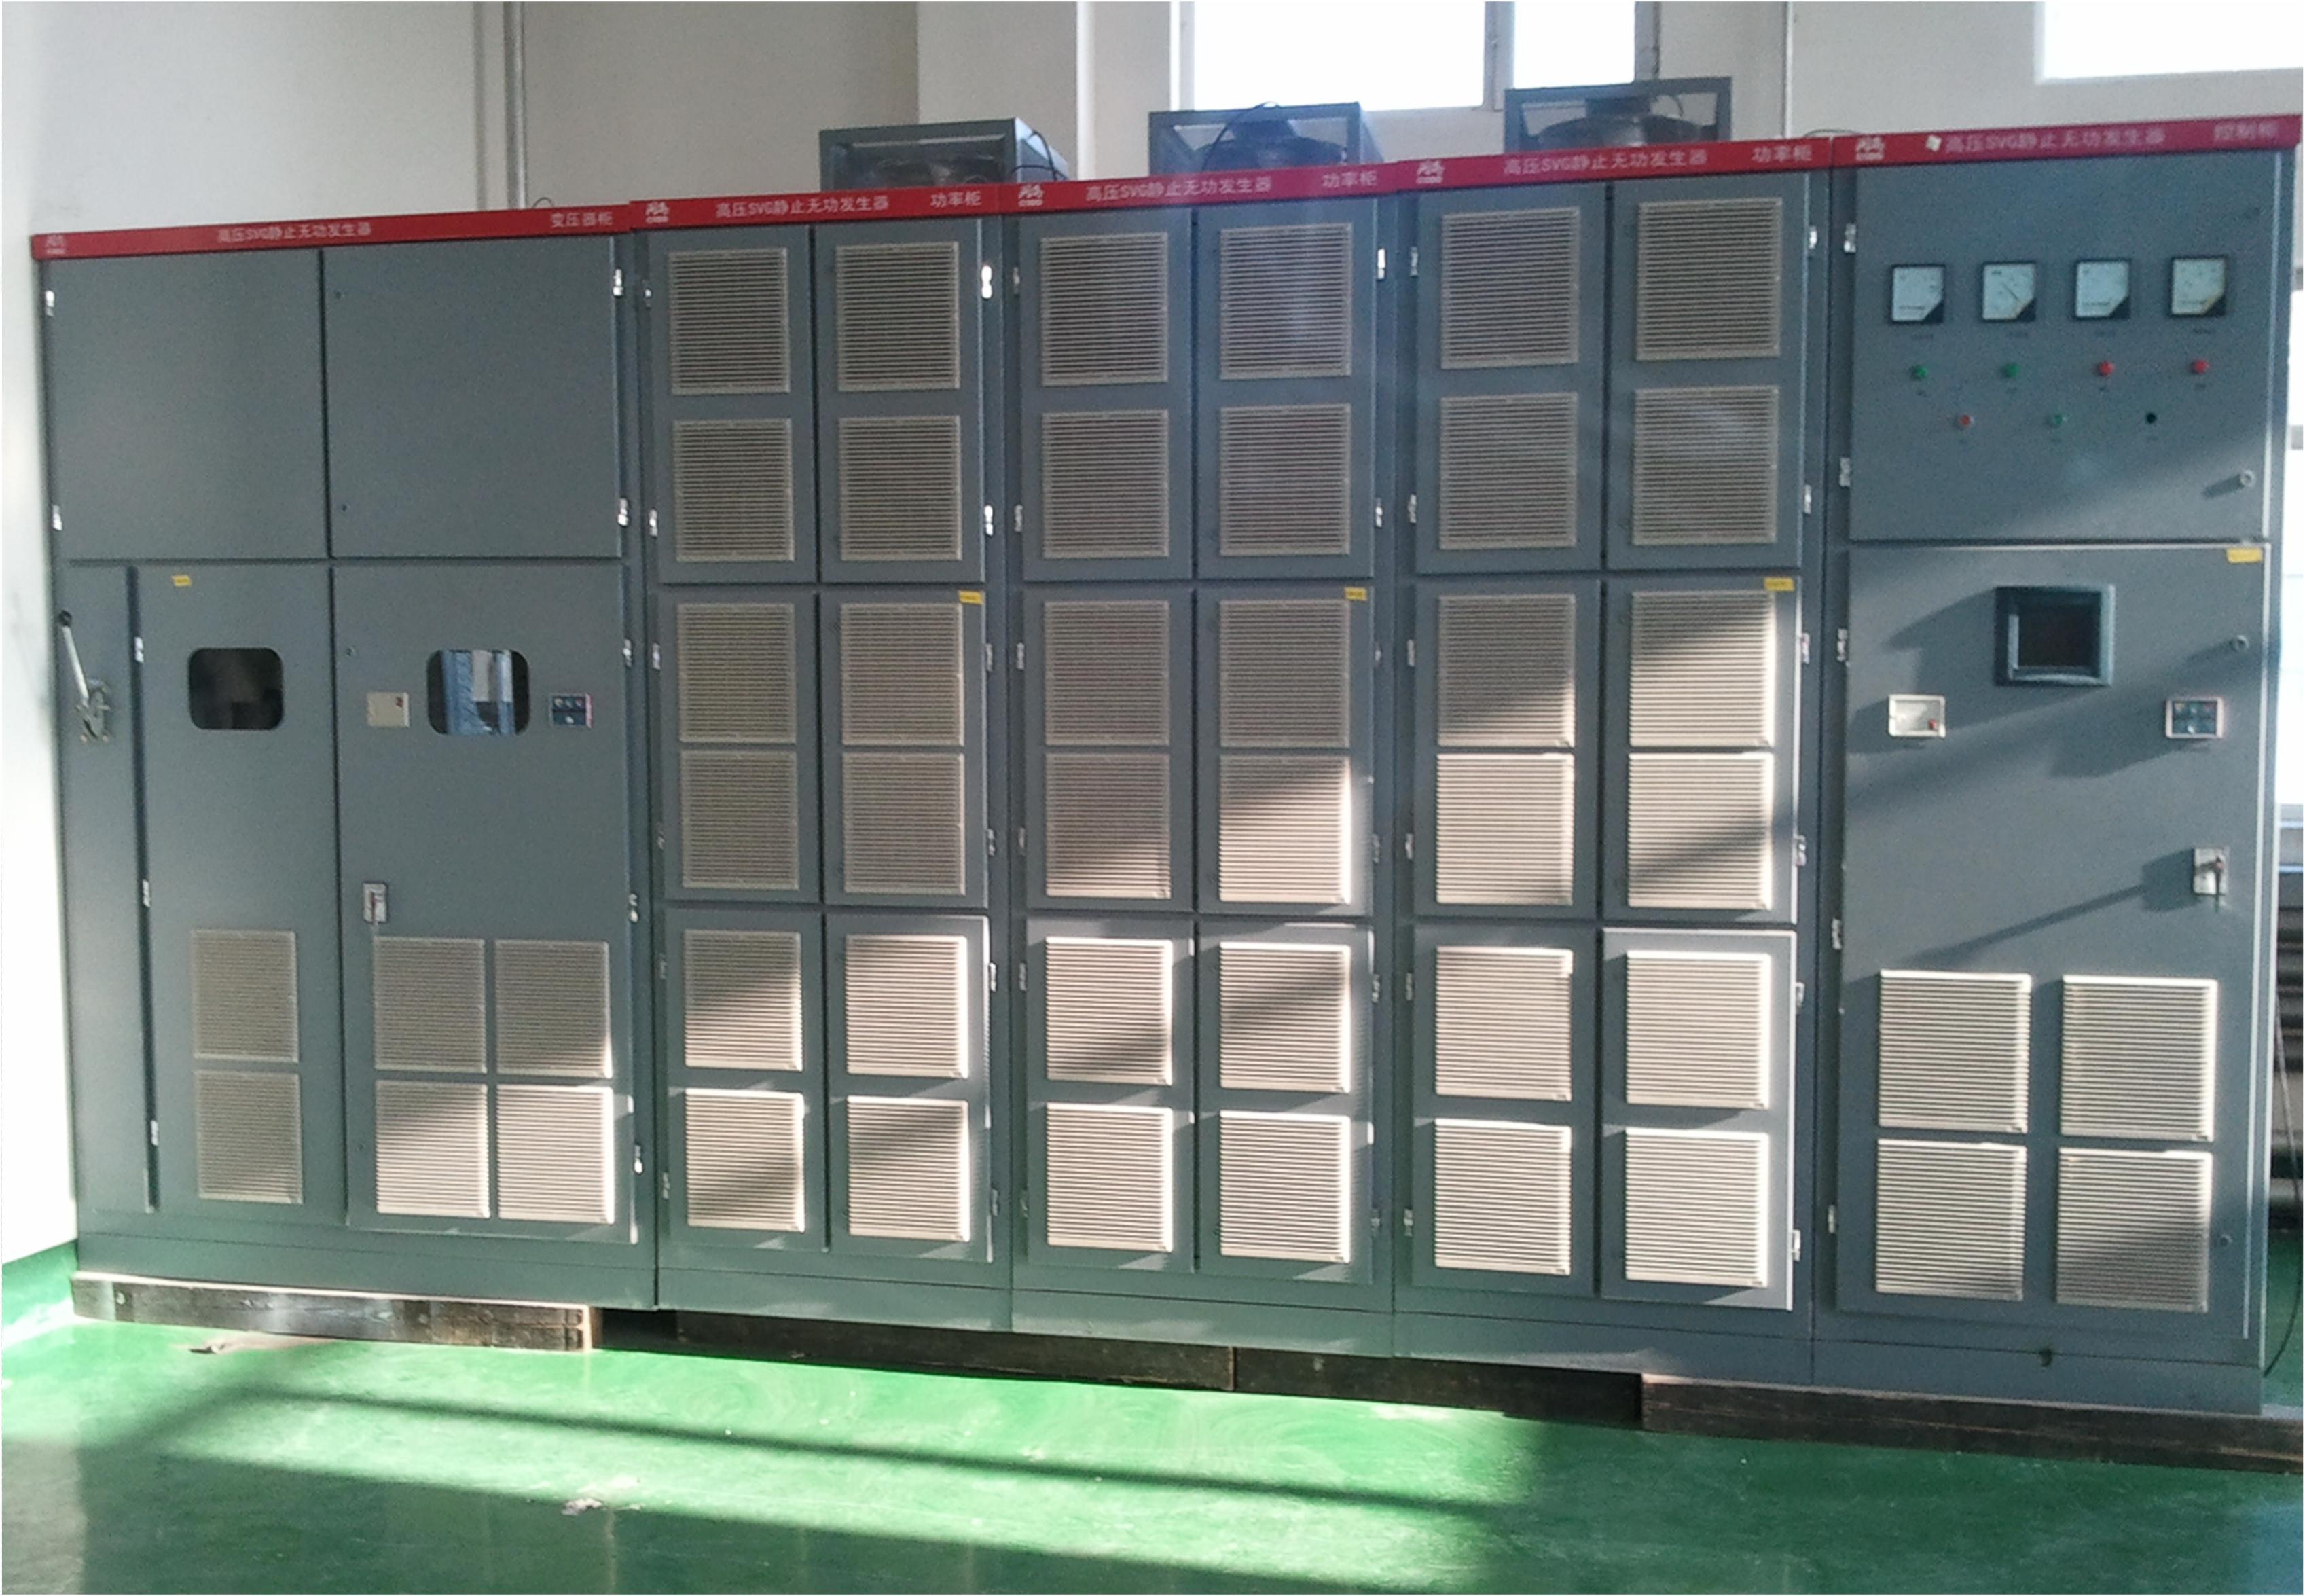 模块化多电平轻型直流输电实验平台